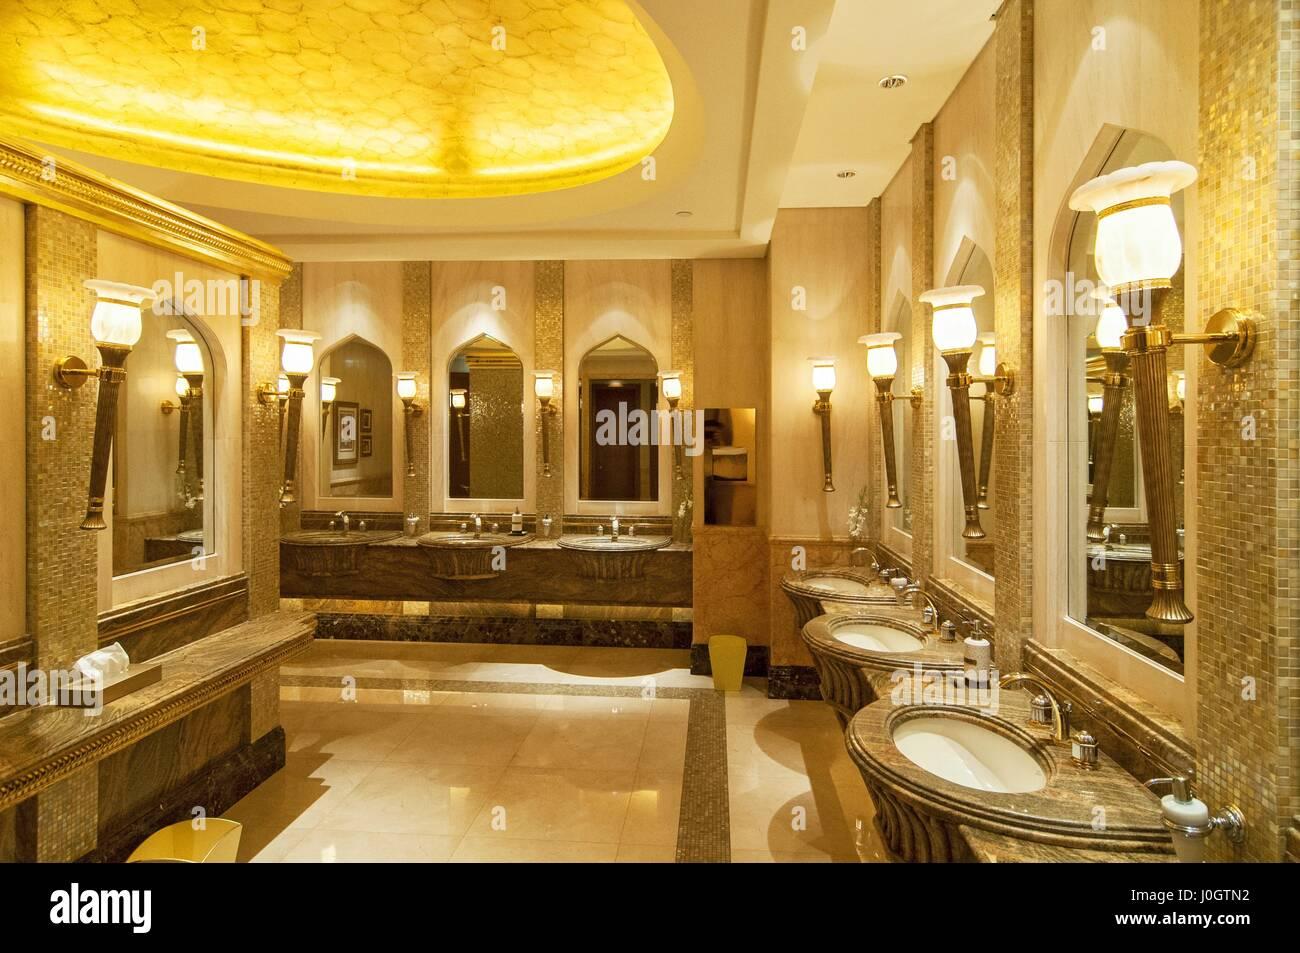 Wc Dekoration Im Emirates Palace Hotel Ein Luxuriöses Und Die